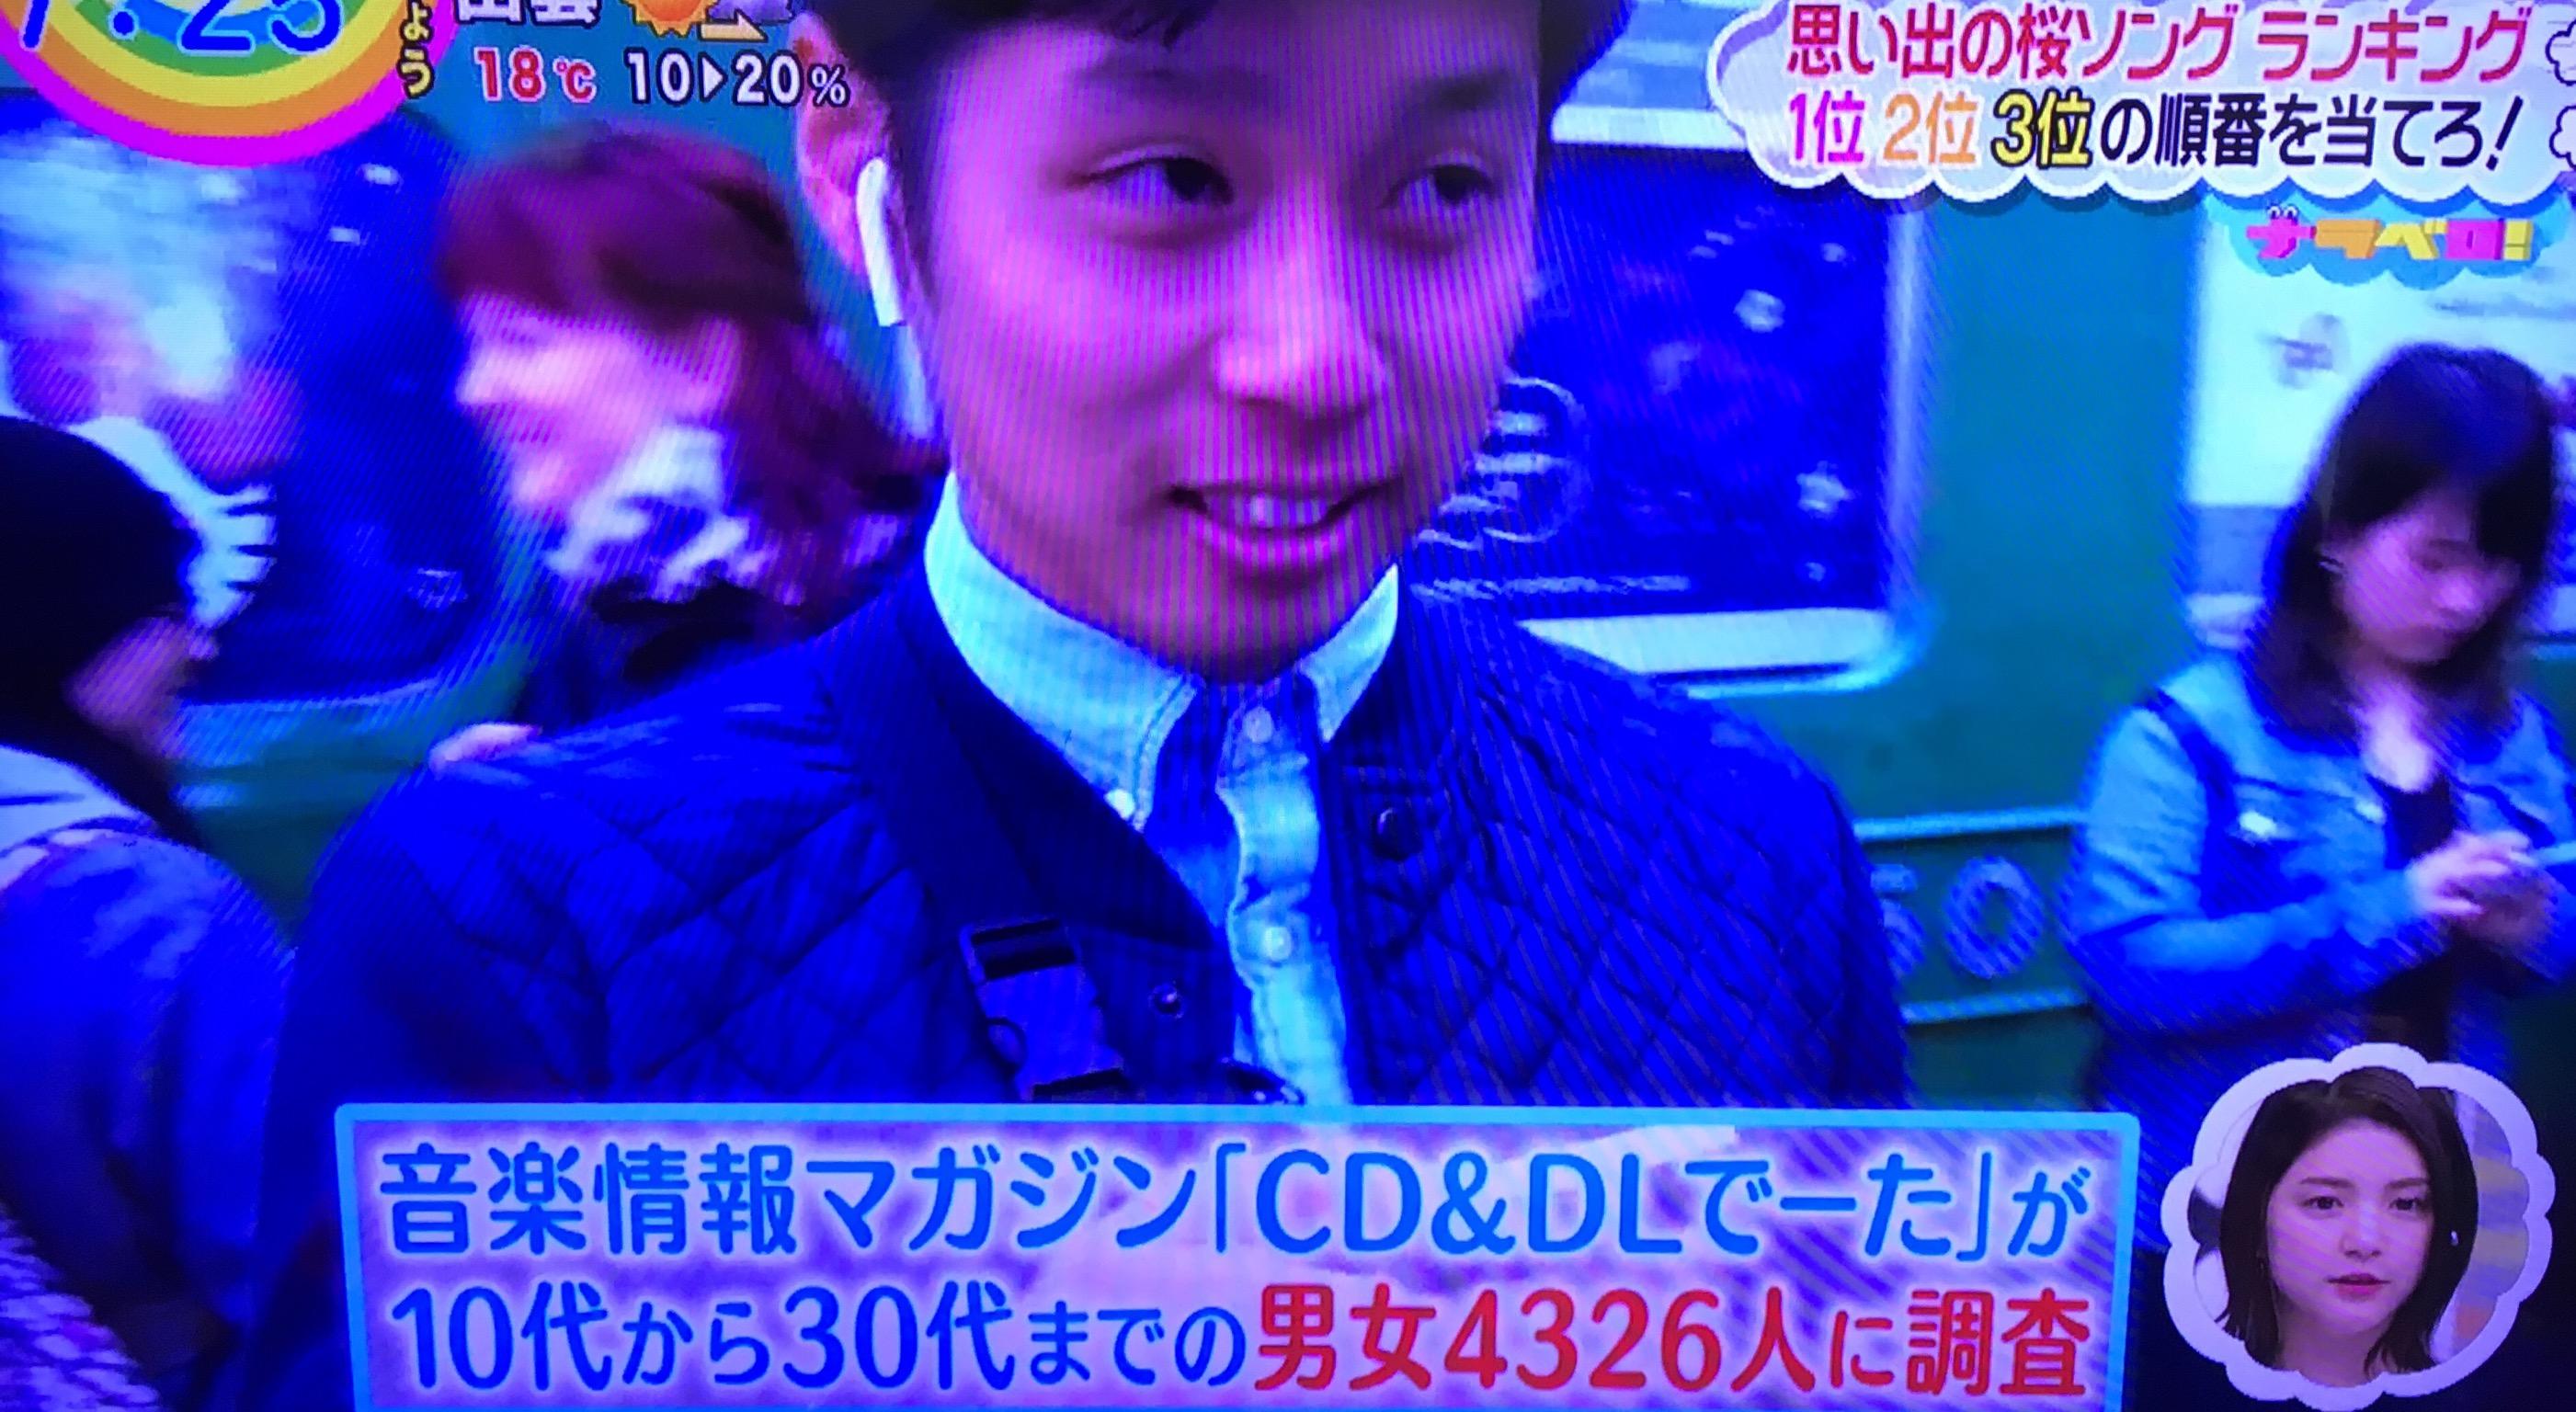 0776FA0C-600A-4B38-9B2A-4987437AA88D